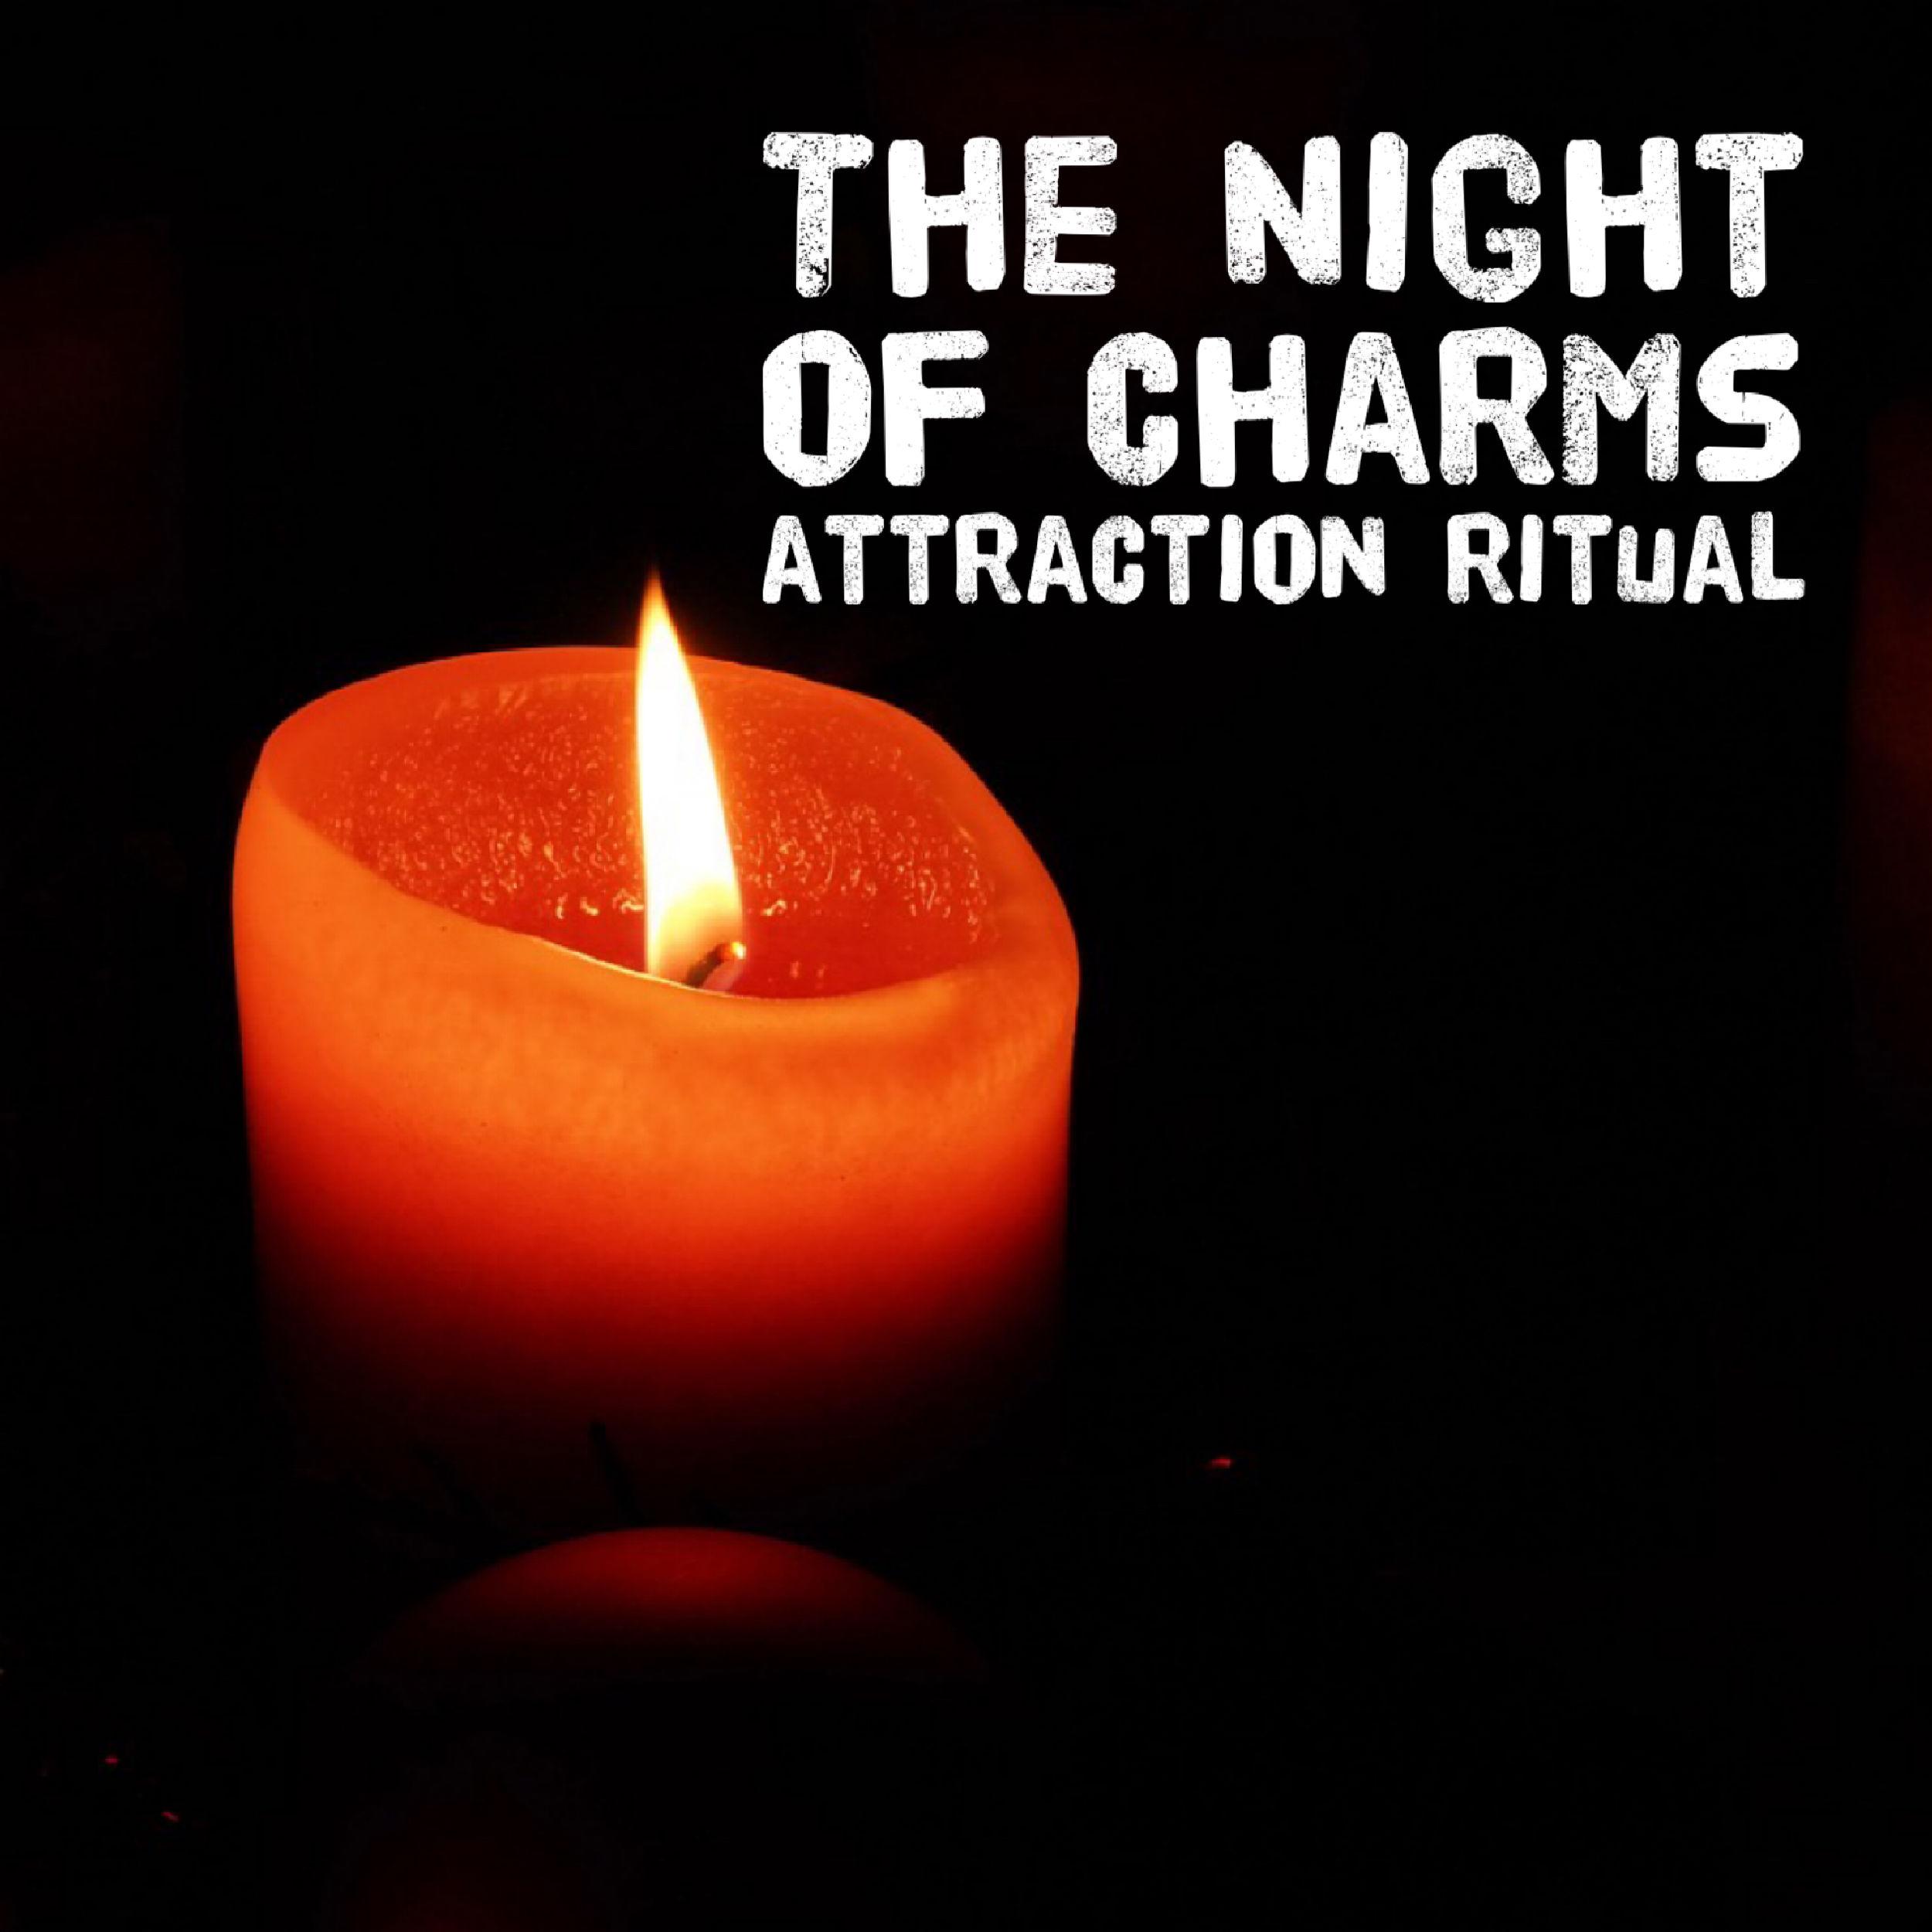 Night of Charms ritual